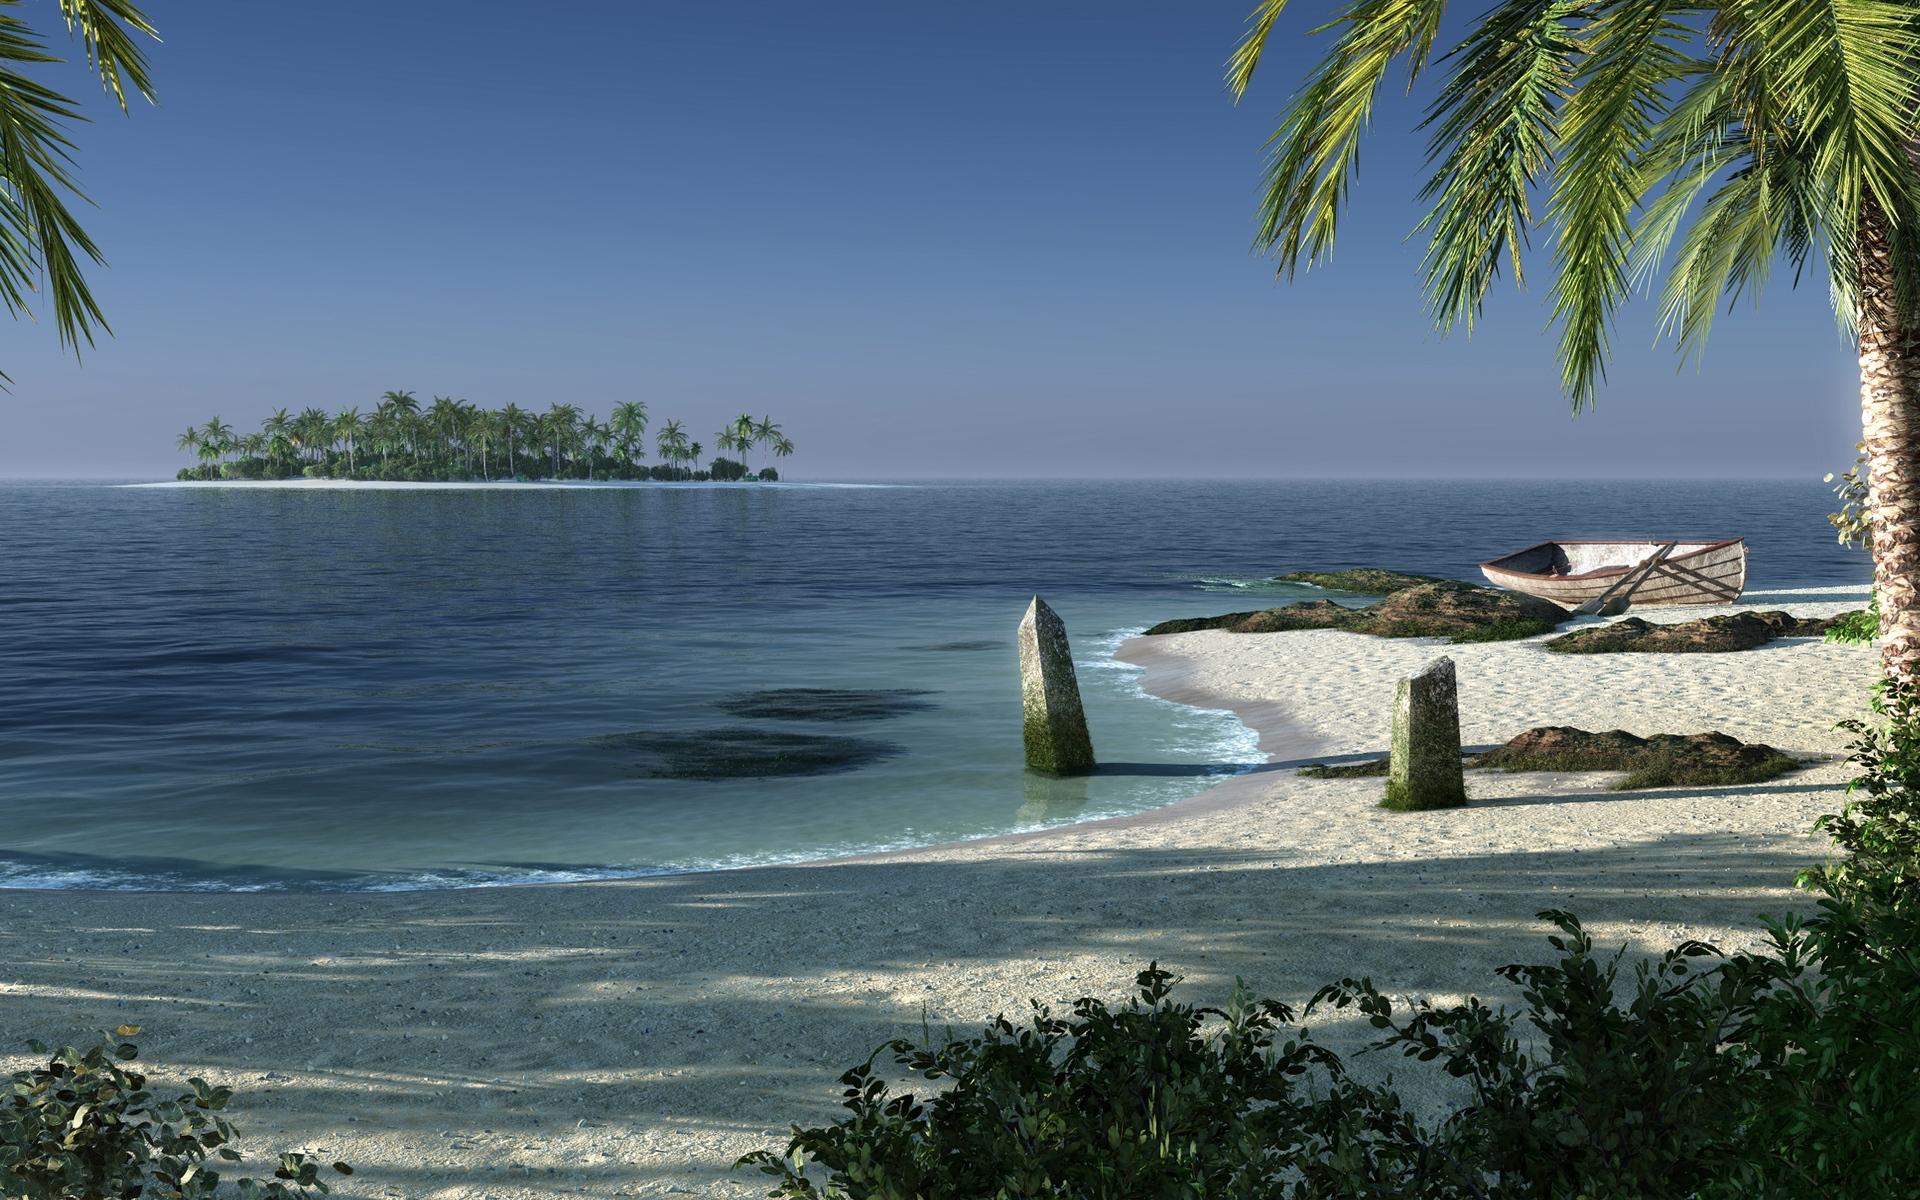 beach fantasy island - hd desktop wallpapers | 4k hd